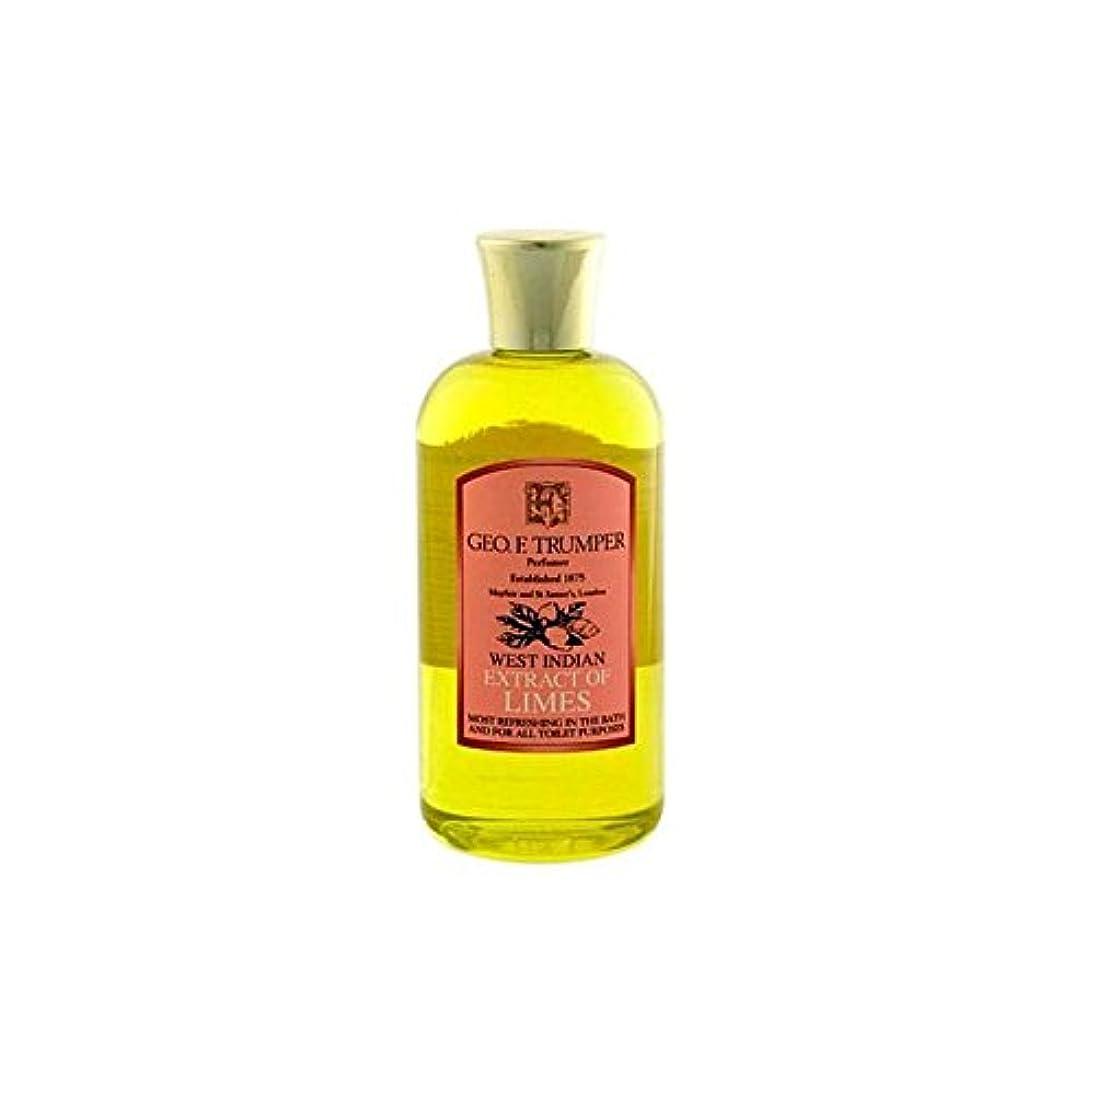 再生可能からちょうつがいTrumpers Extracts of Limes Bath and Shower Gel 200ml (Pack of 6) - ライムのバスタブとシャワージェル200の抽出物を x6 [並行輸入品]